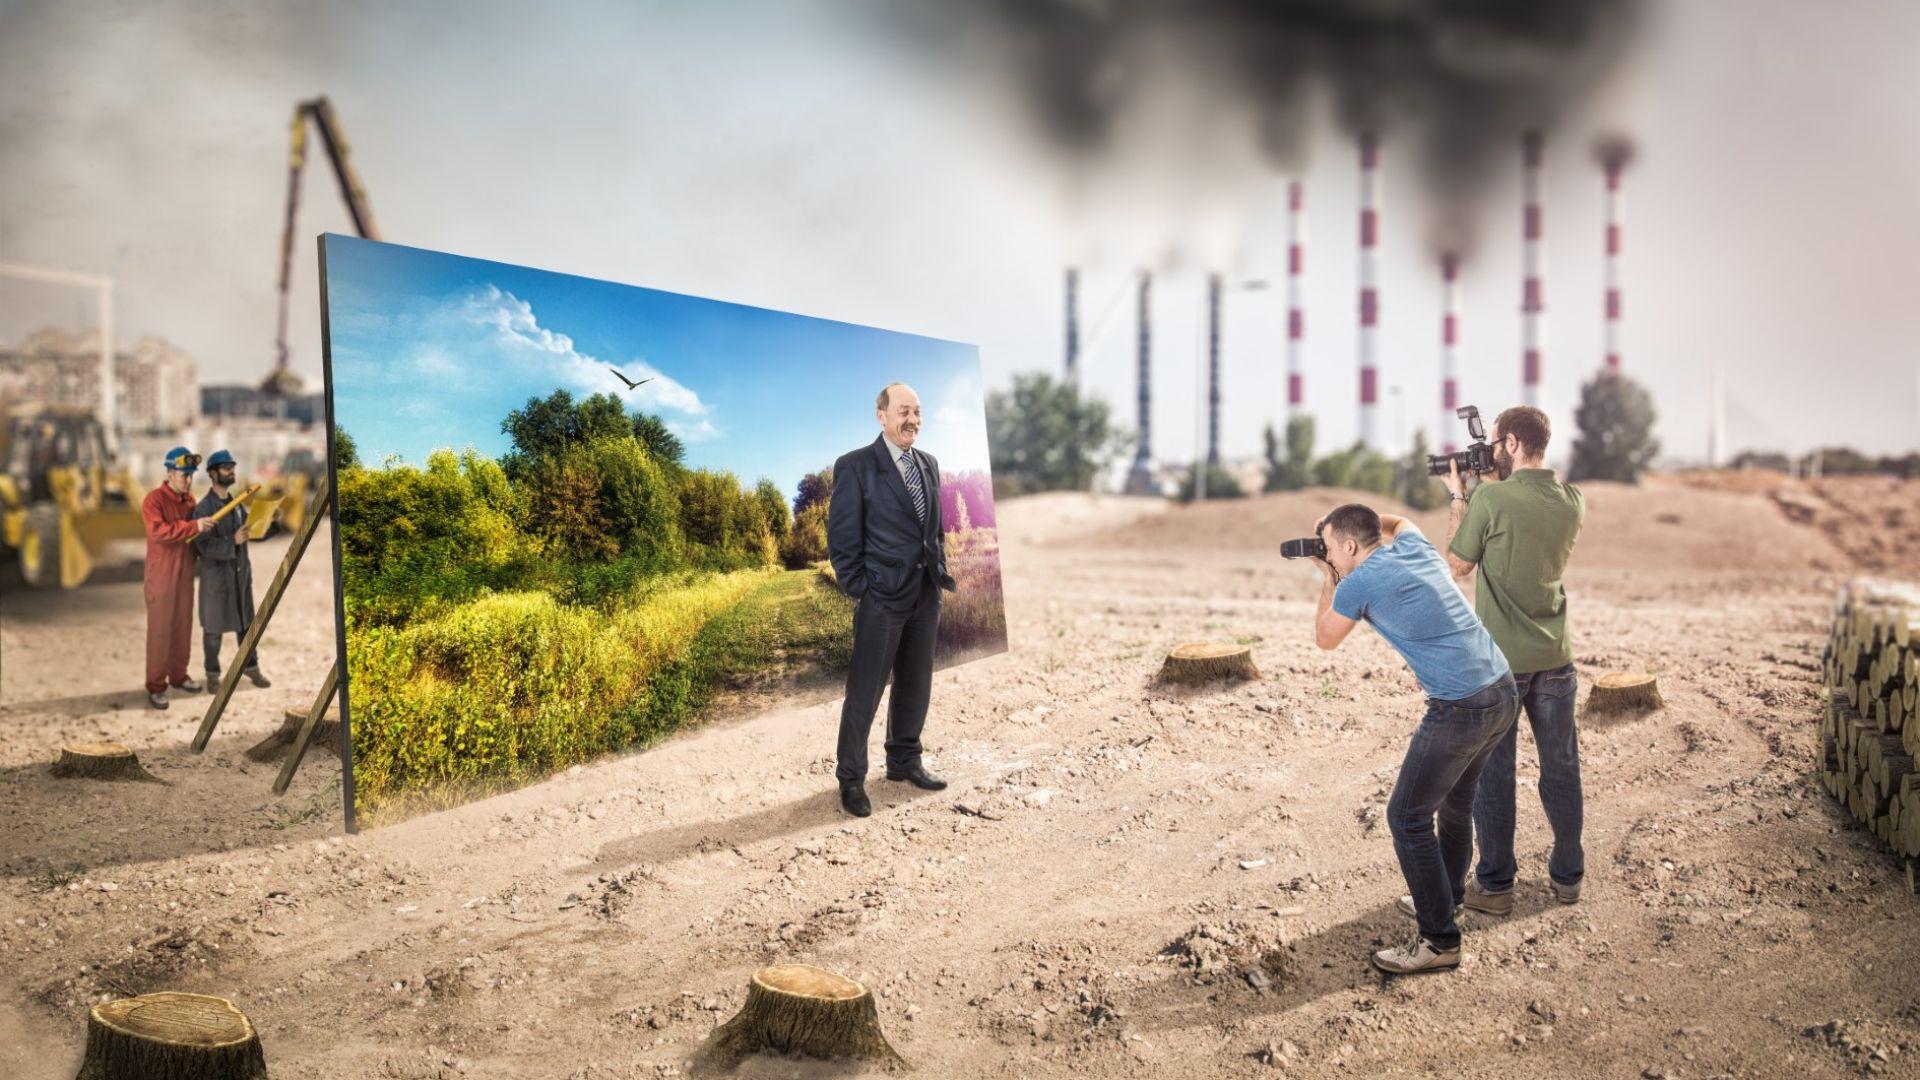 Петролна компания предвидила затоплянето още през 1982, но го е криела